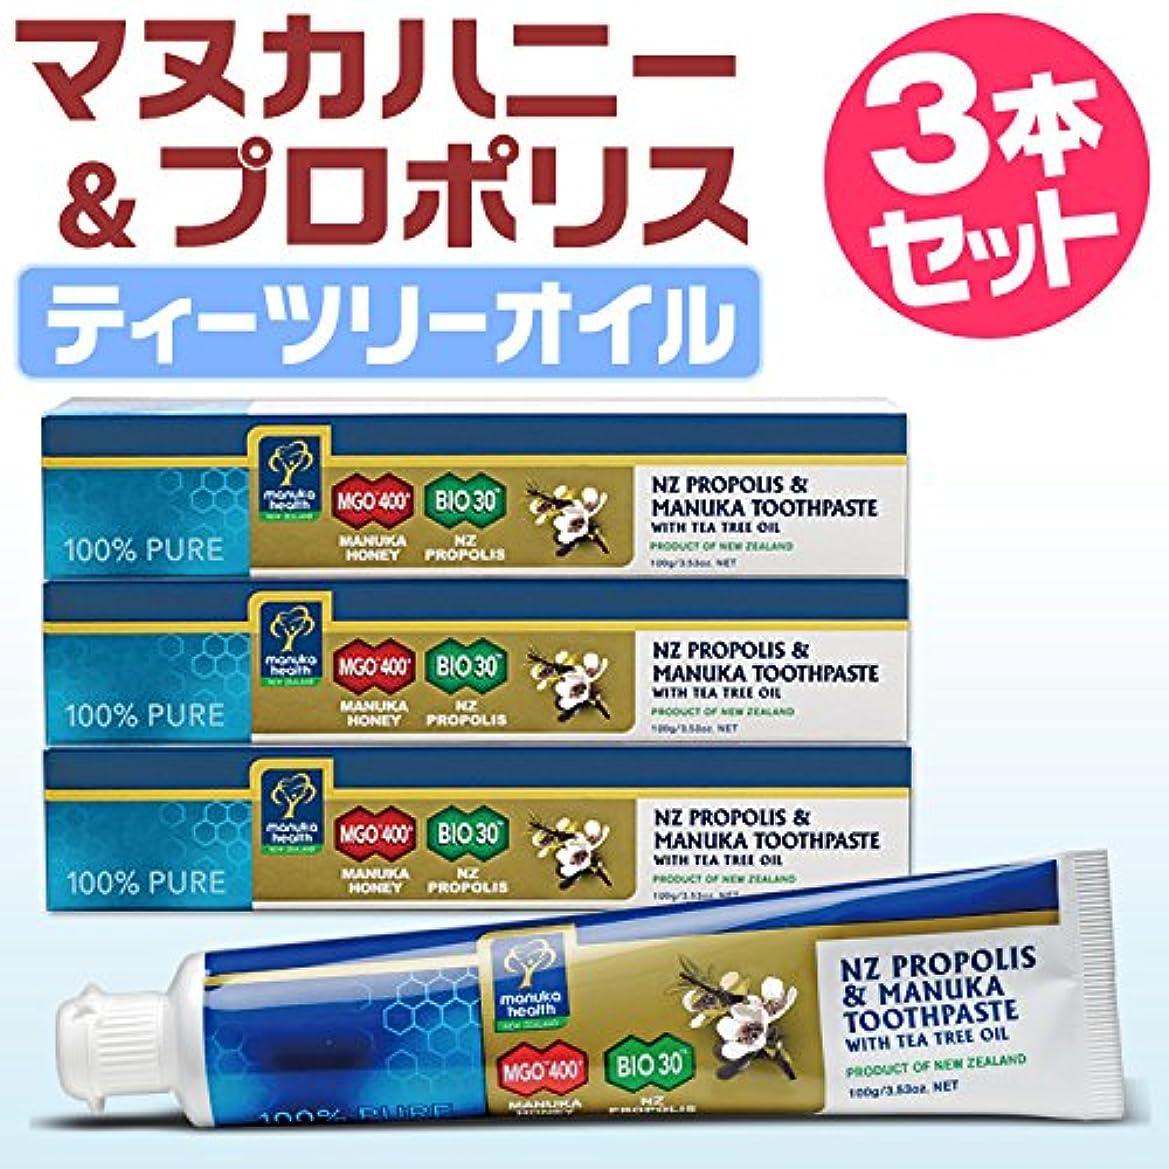 おっと議論する胚プロポリス&マヌカハニー MGO400+ ティーツリーオイル 歯磨き粉[100g]◆3本セット◆青